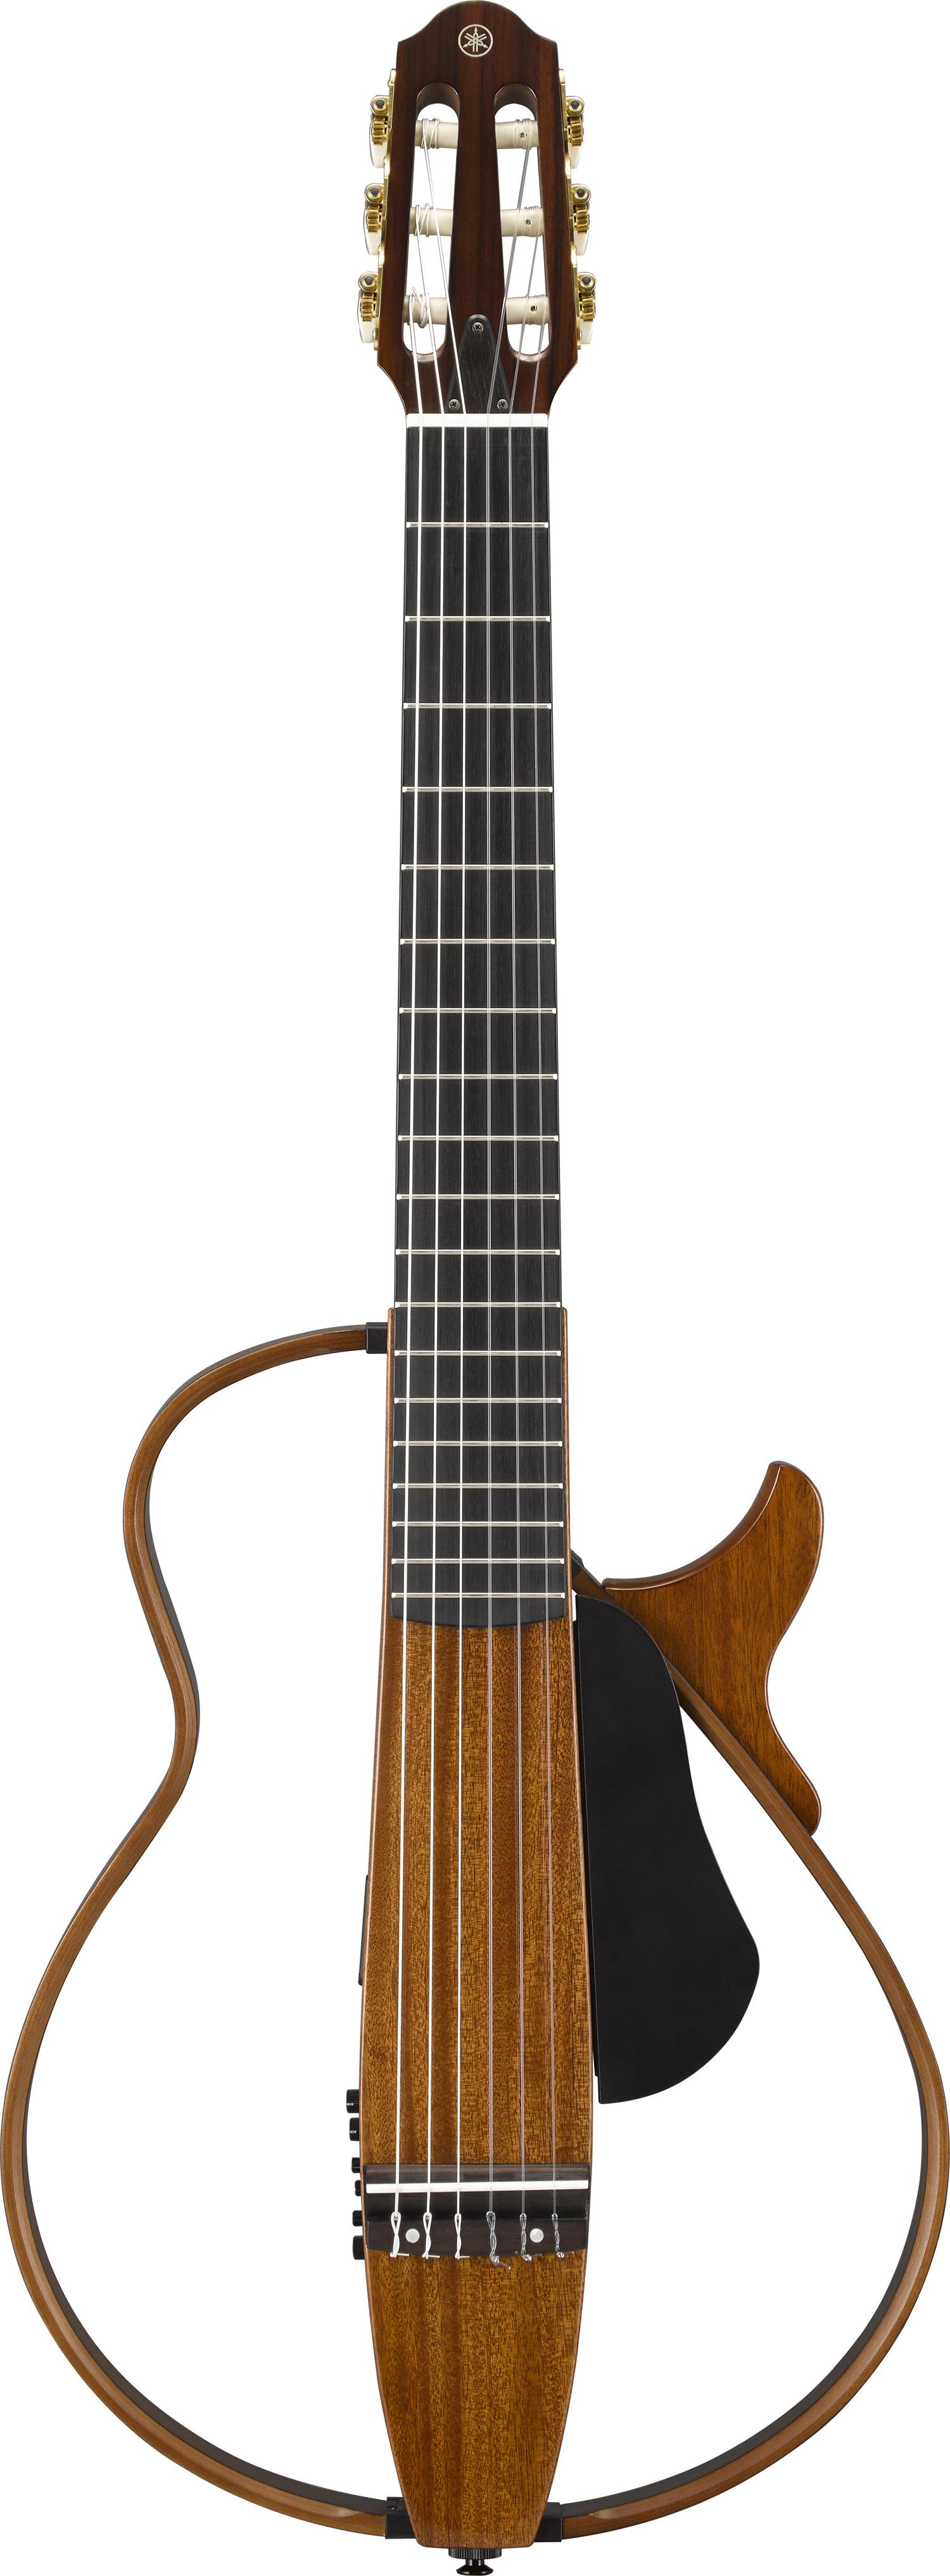 Yamaha Silent Guitar Parts